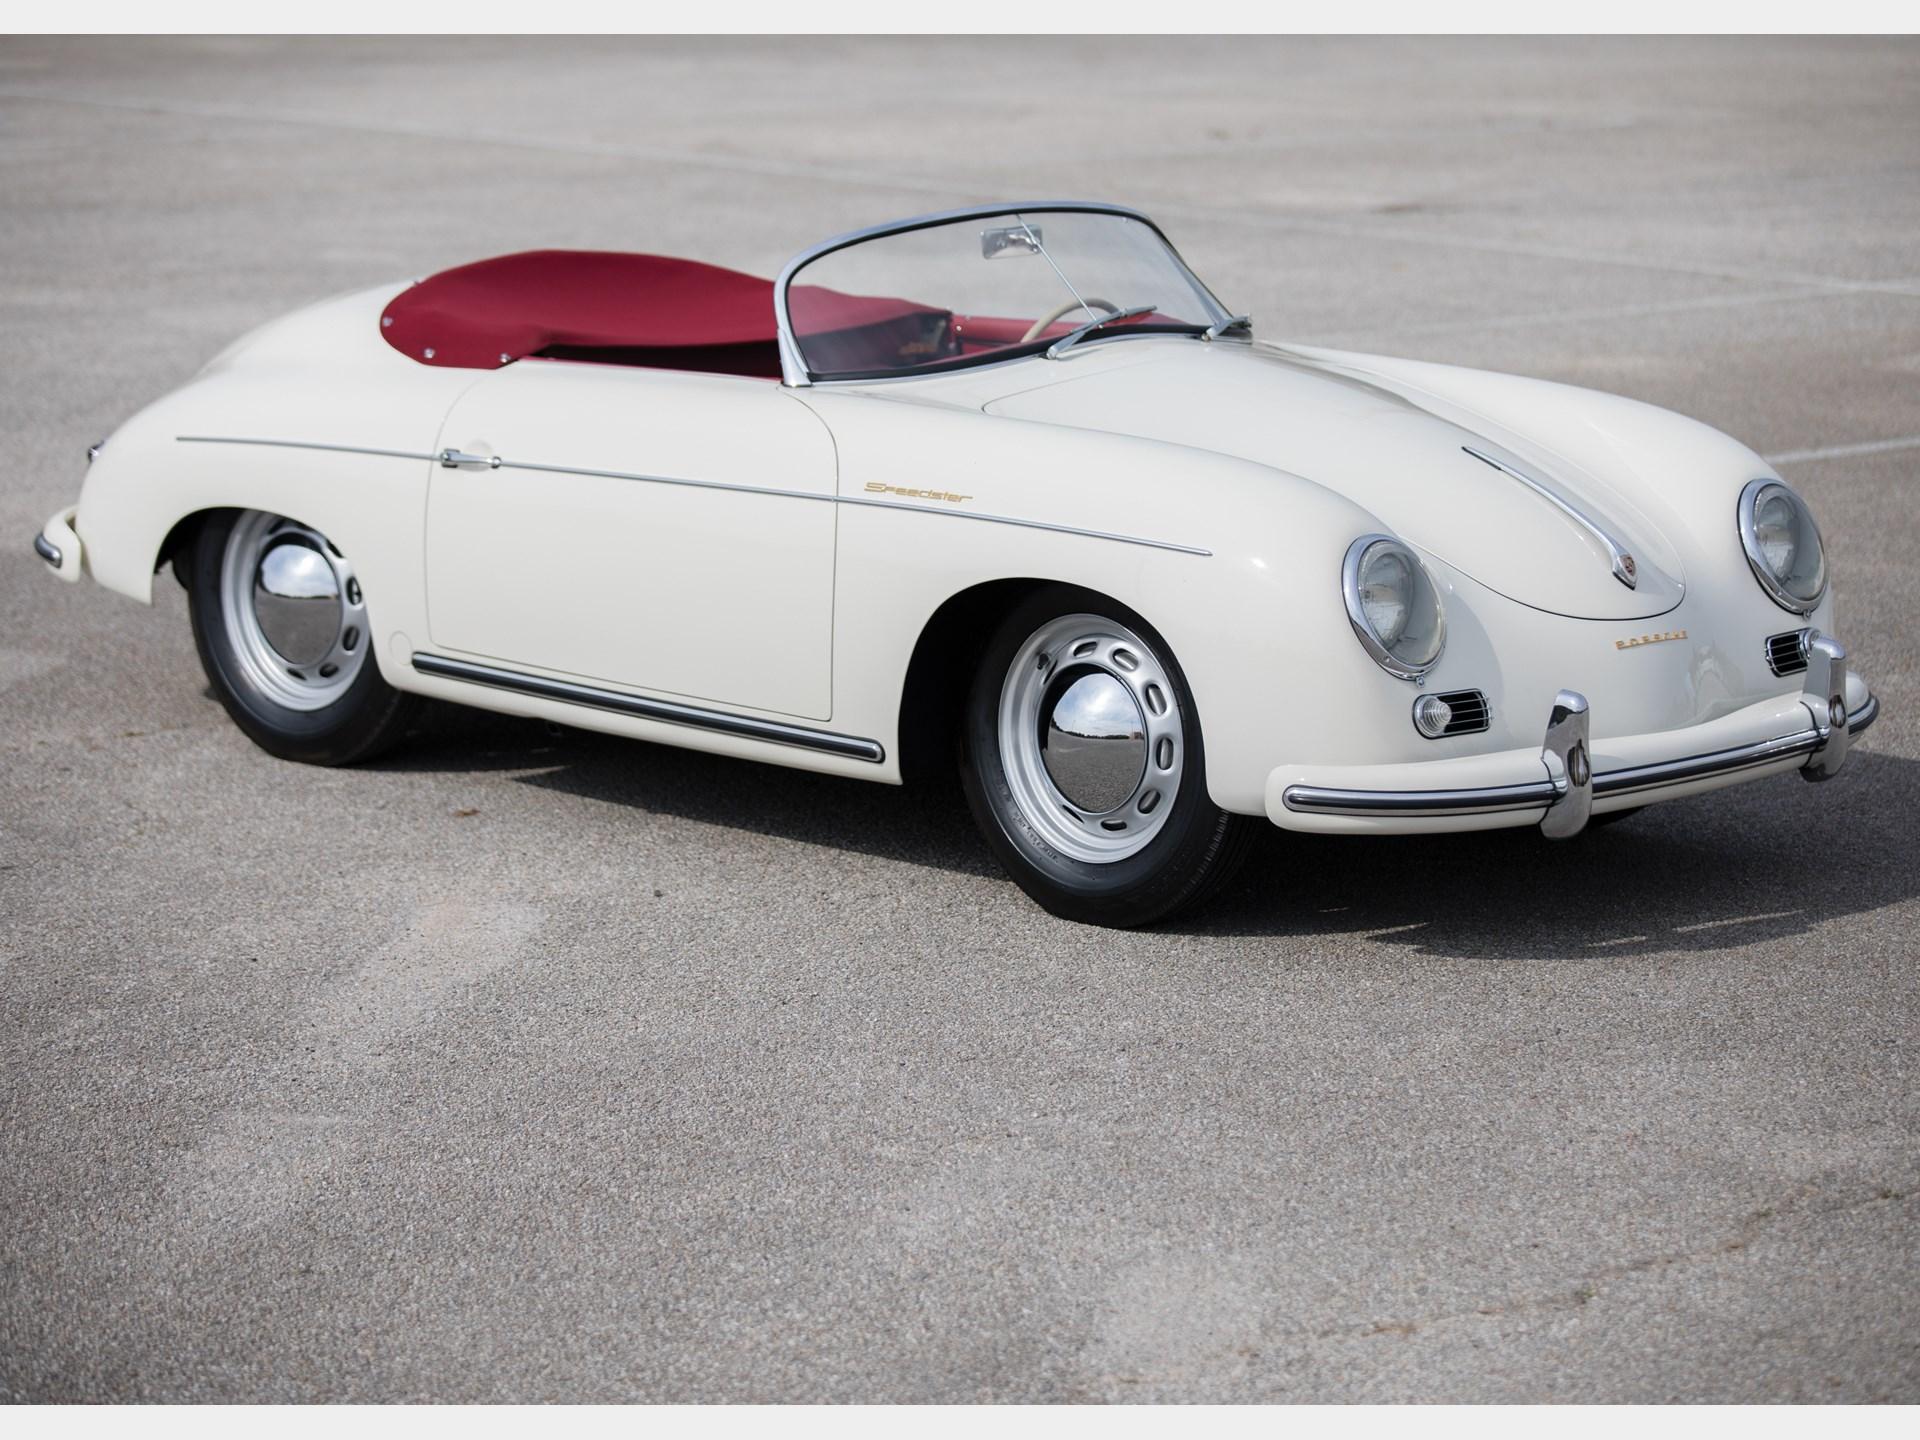 rm sotheby's 1955 porsche 356 1500 speedster by reutter arizona 2018 wiring diagrahm 1955 porsche 356 1500 speedster by reutter